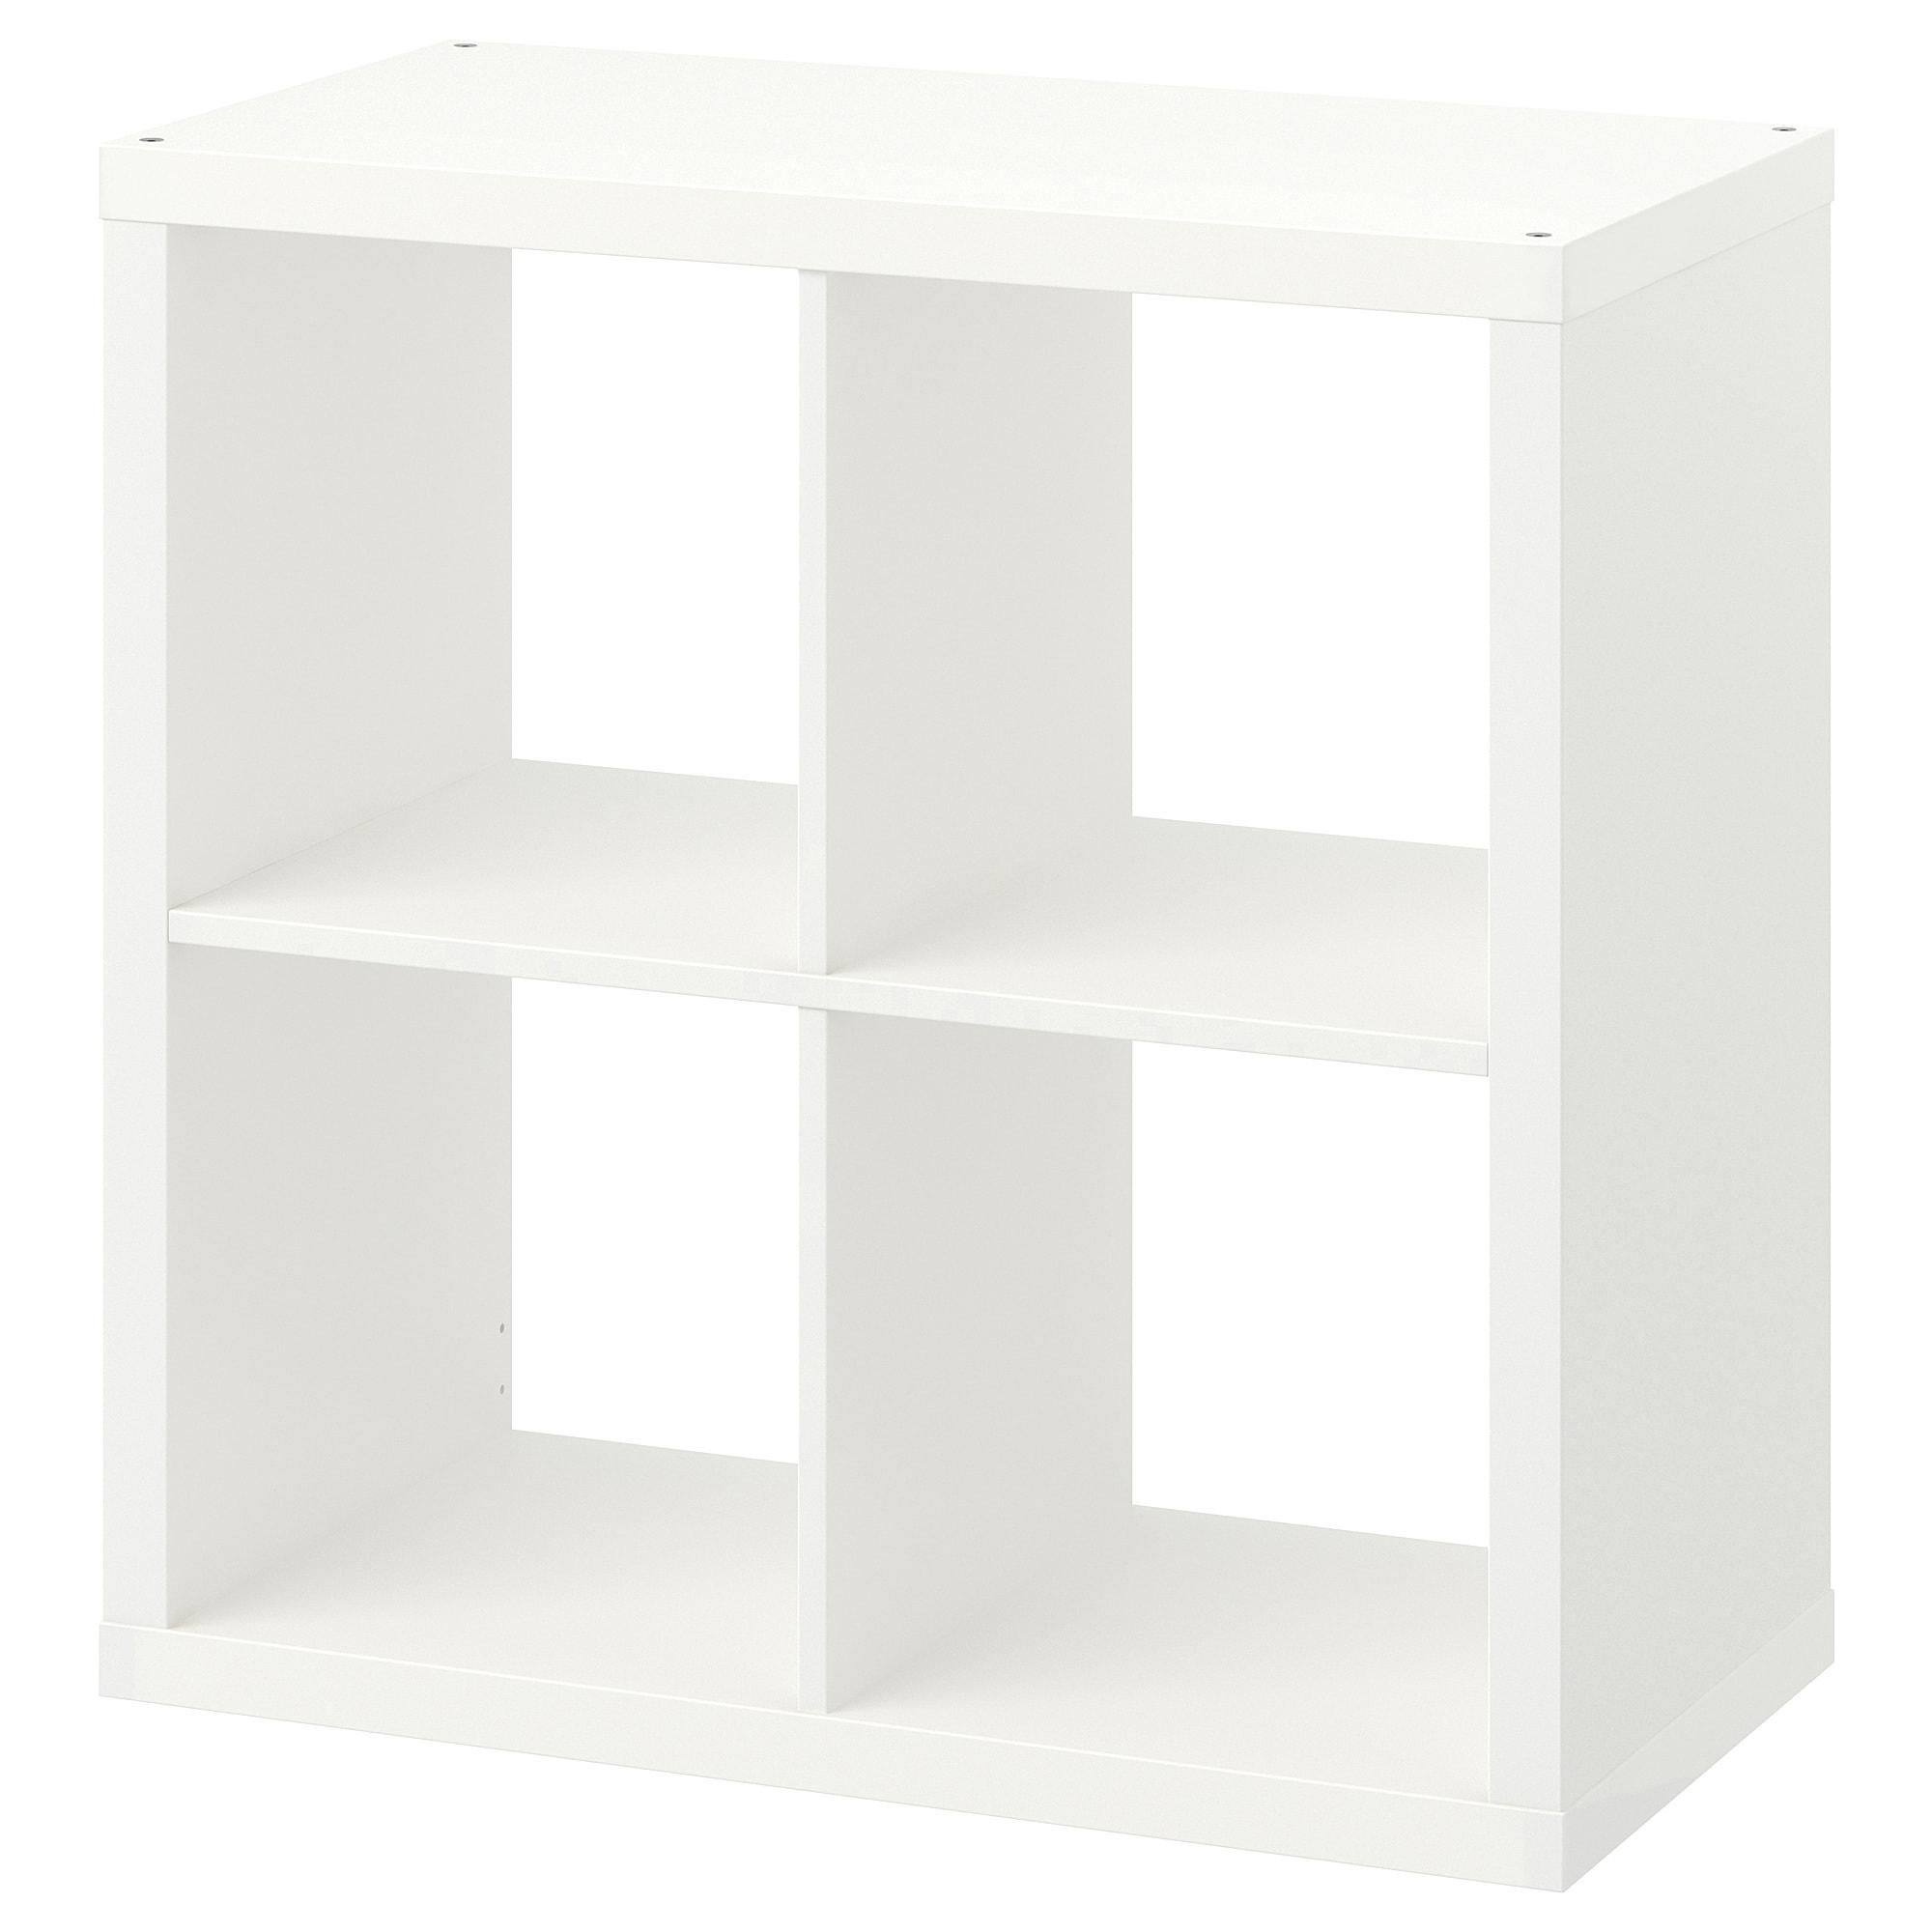 Libreria Da Parete Ikea i 10 mobili ikea che non possono mancare a casa tua - sos